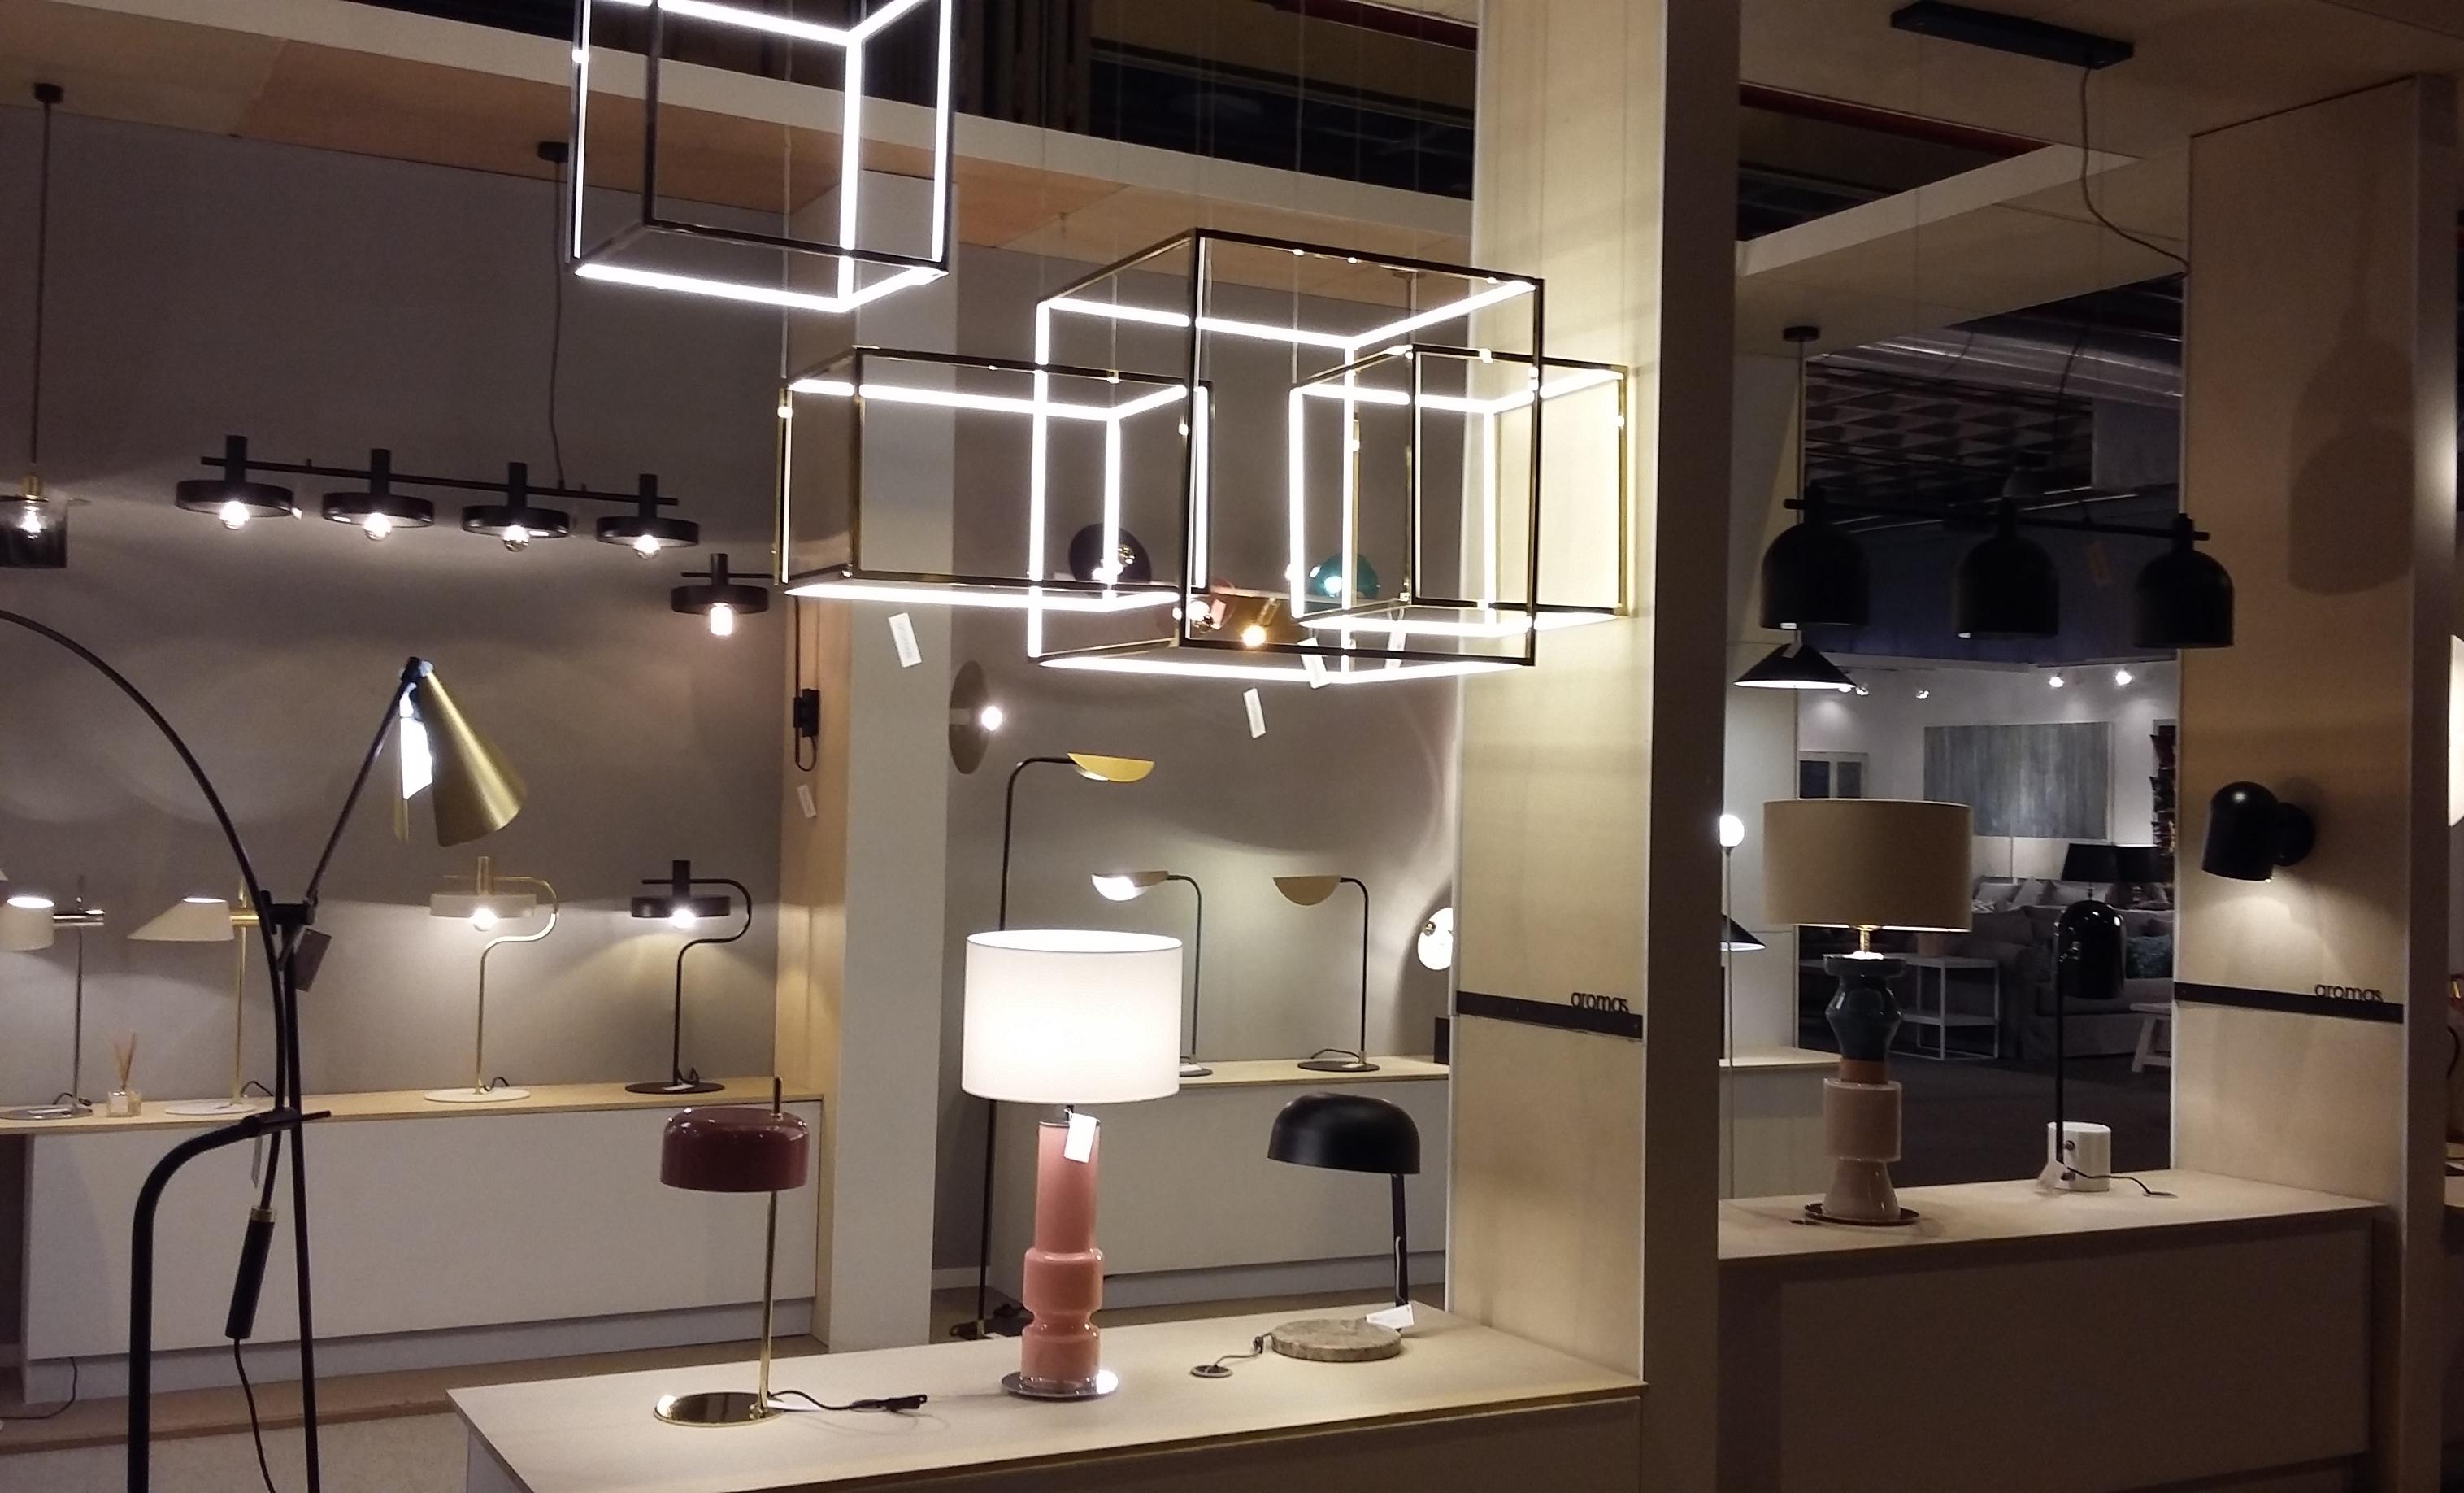 Novedades En Nuestra Tienda De Iluminacion En Burgosluzka S L Lámparas En Burgos